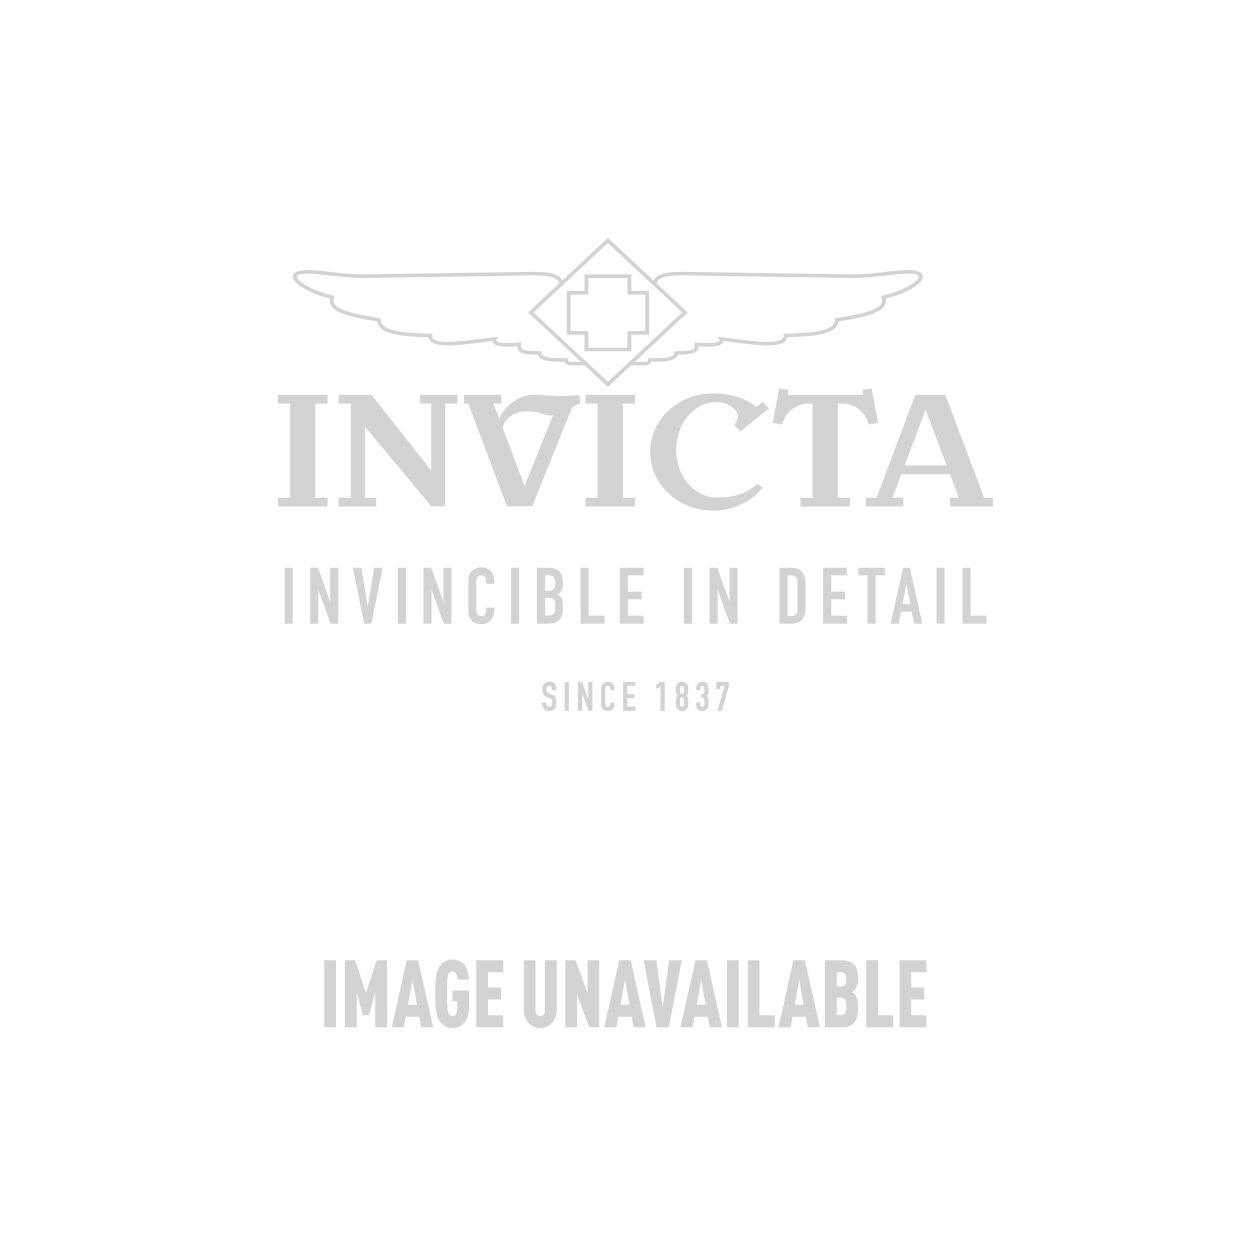 Invicta Model 25677